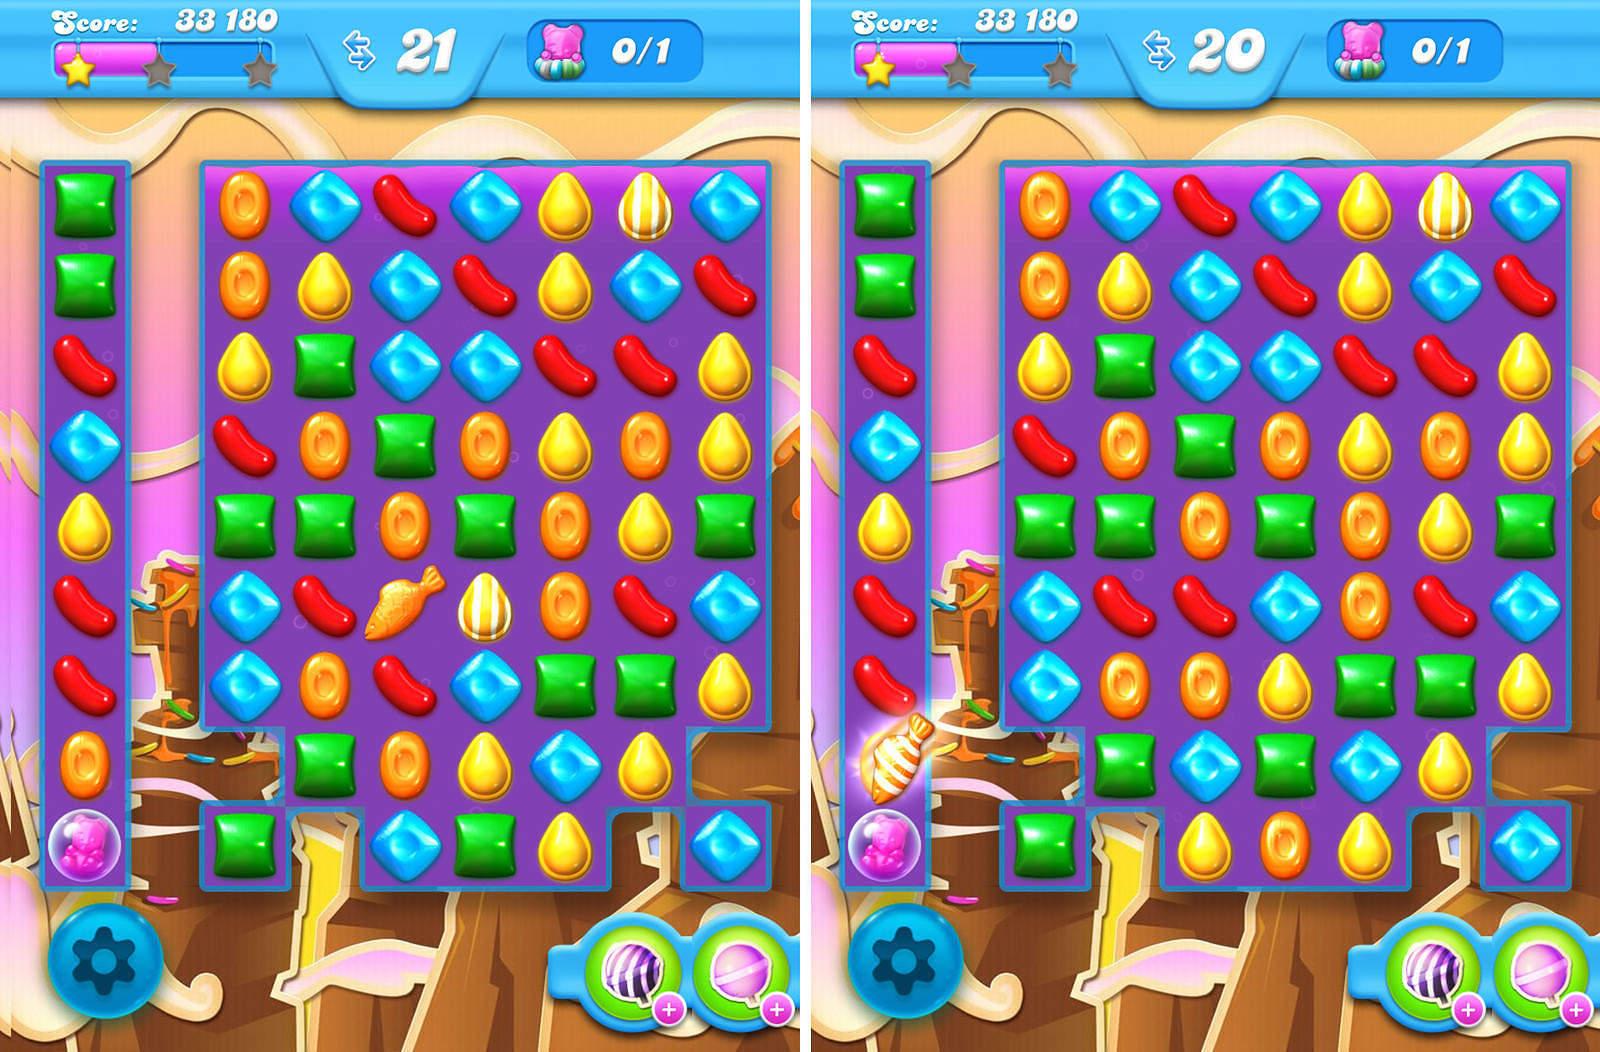 Candy Crush Soda Livello 72 Sezione 4